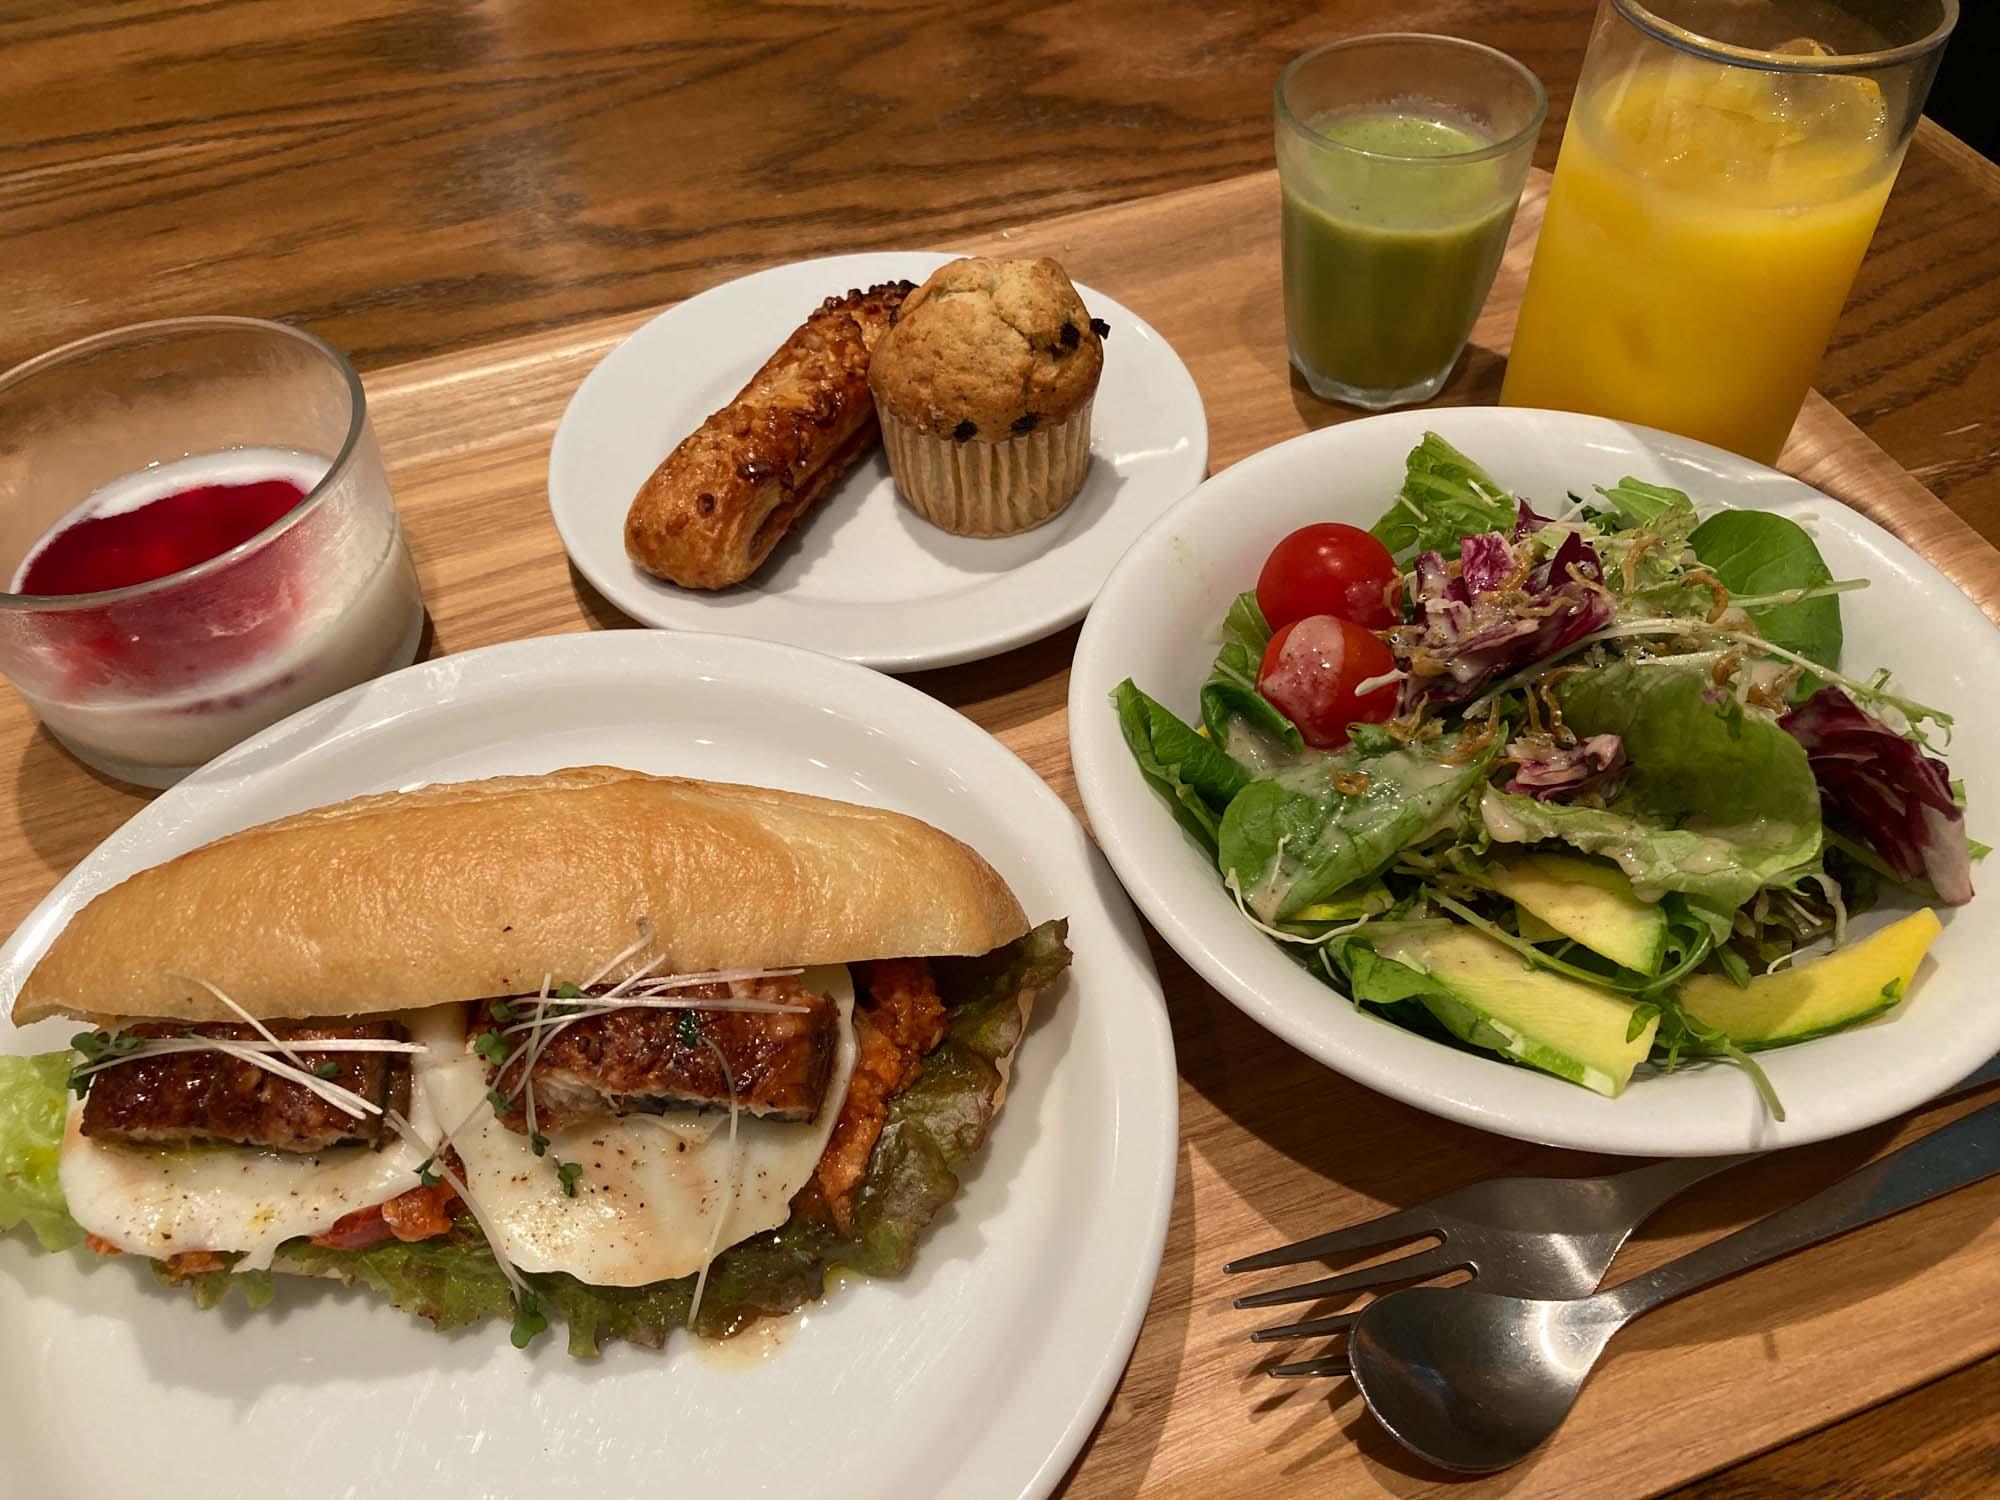 goodroom journal でも連載してくれている「坂ノ途中」さんの野菜をふんだんに使ったサンドイッチやサラダ、スムージーなど、朝から元気をもらえる盛りだくさんな内容。これはぜひ、体験してみていただきたいです。